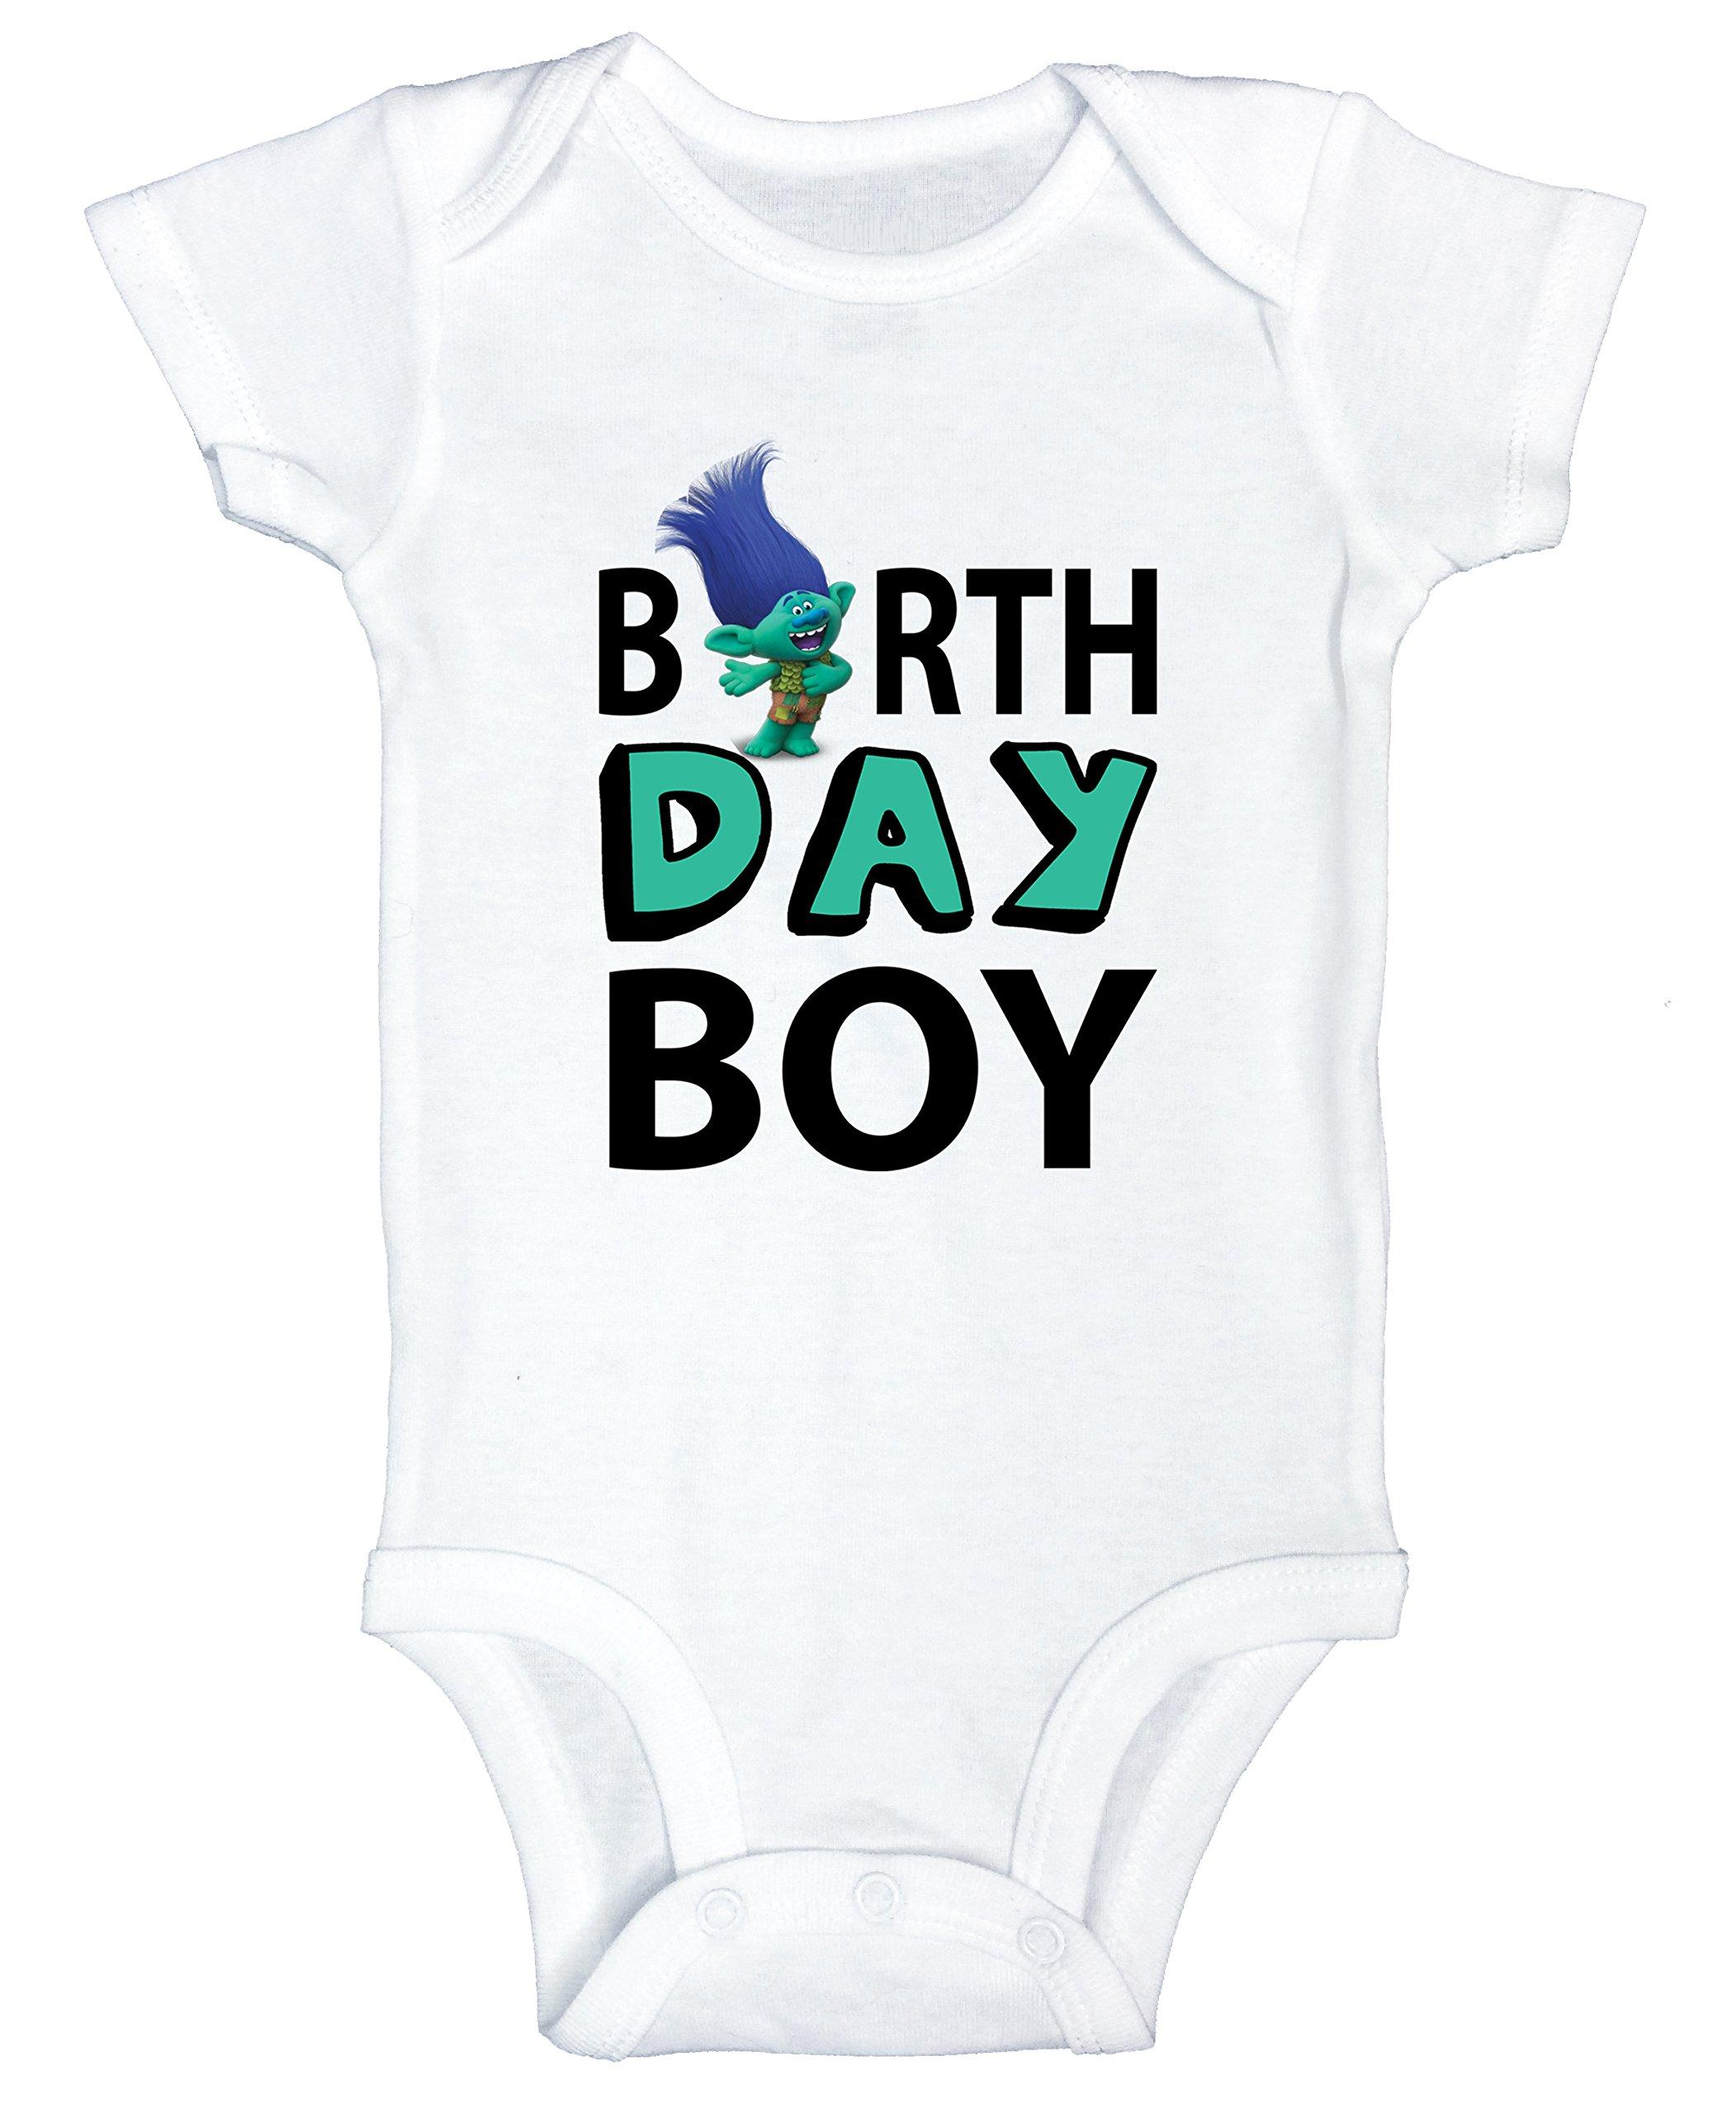 Funny Threadz Kids Boys Birthday Onesie Boy Bodysuit